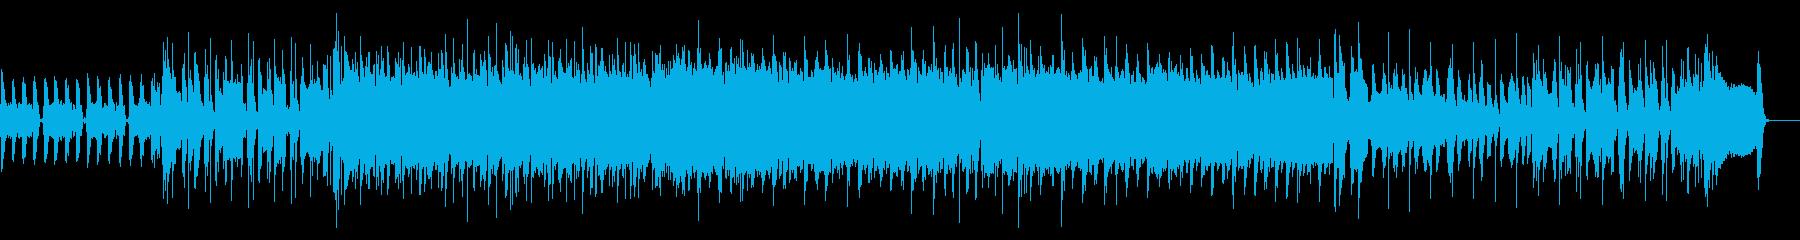 エモいロック・インストゥルメンタルの再生済みの波形